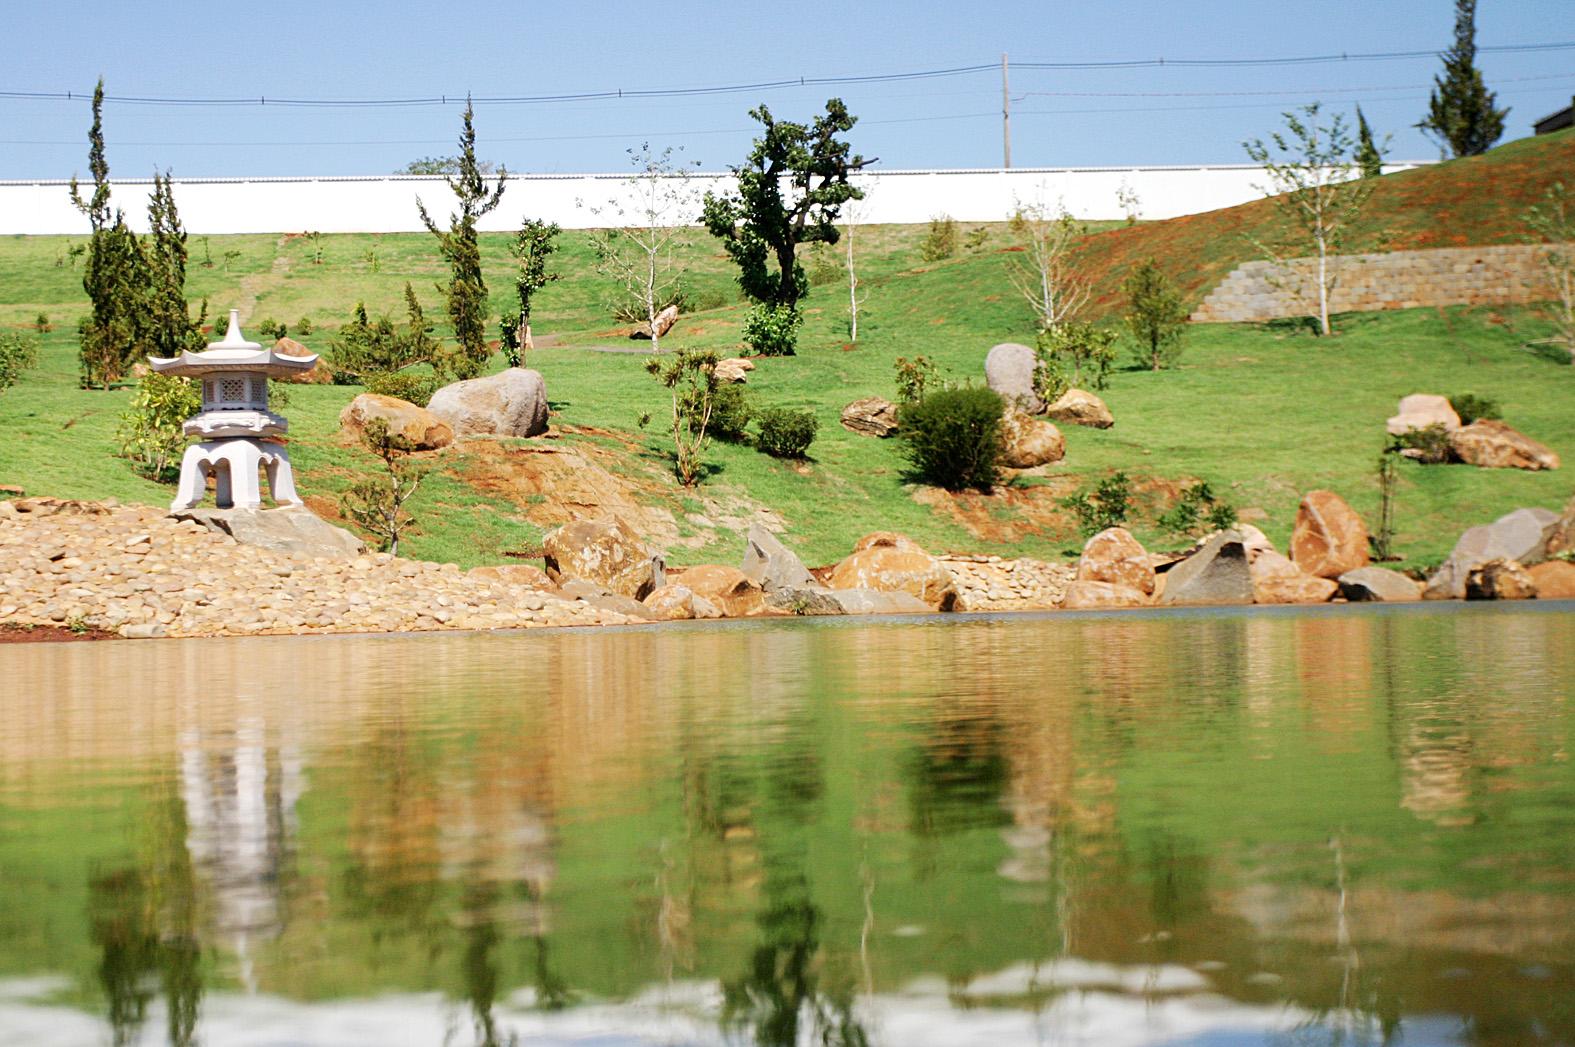 Parque do Japão Maringá Ângela Almeida Corretora #2E649D 1575x1047